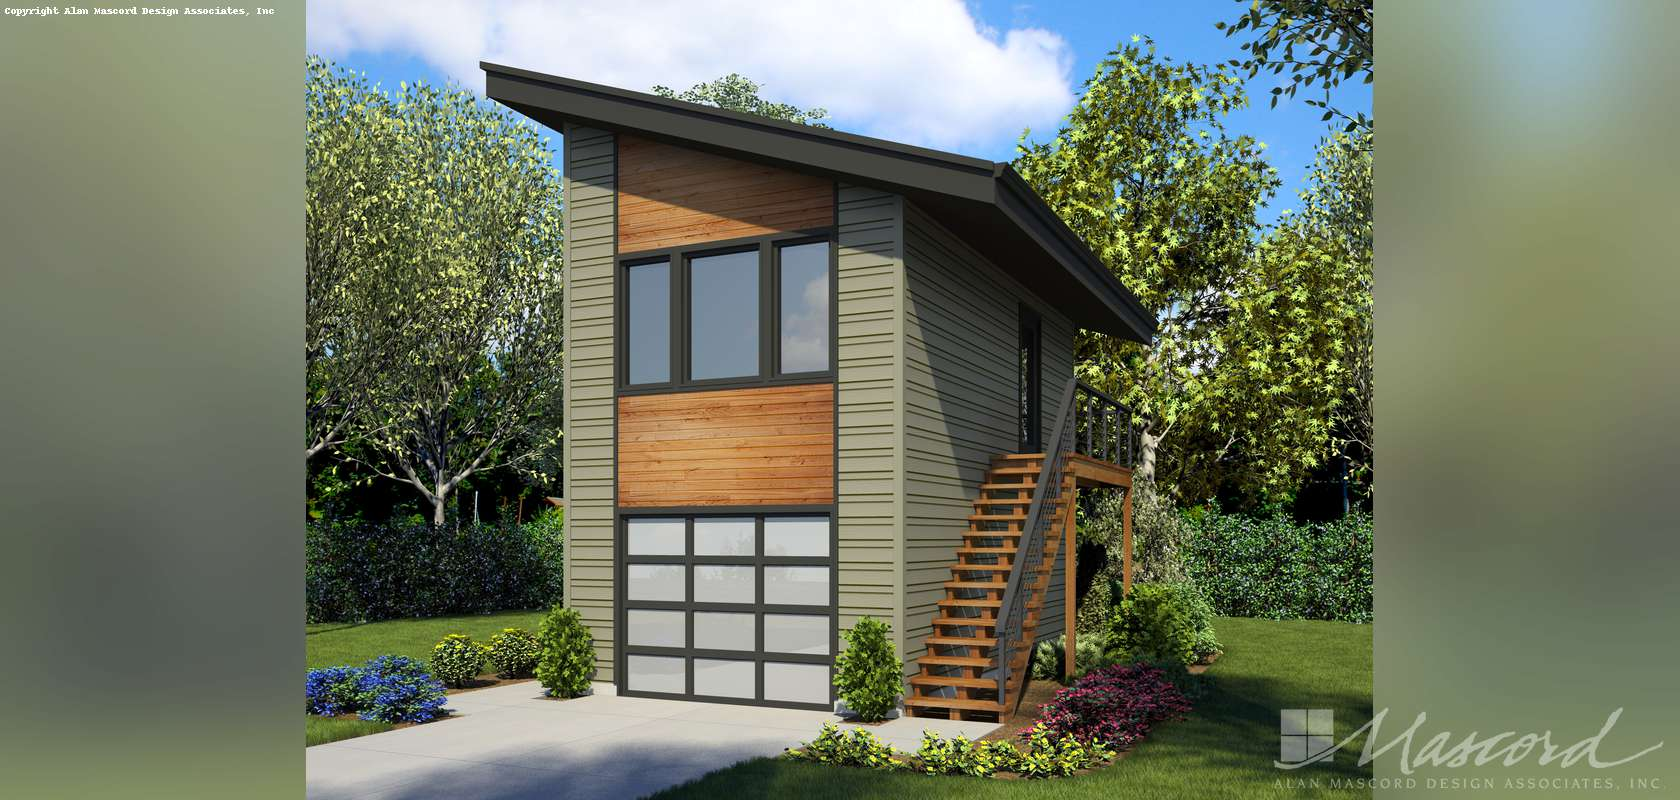 Mascord House Plan 5038: The Stratton